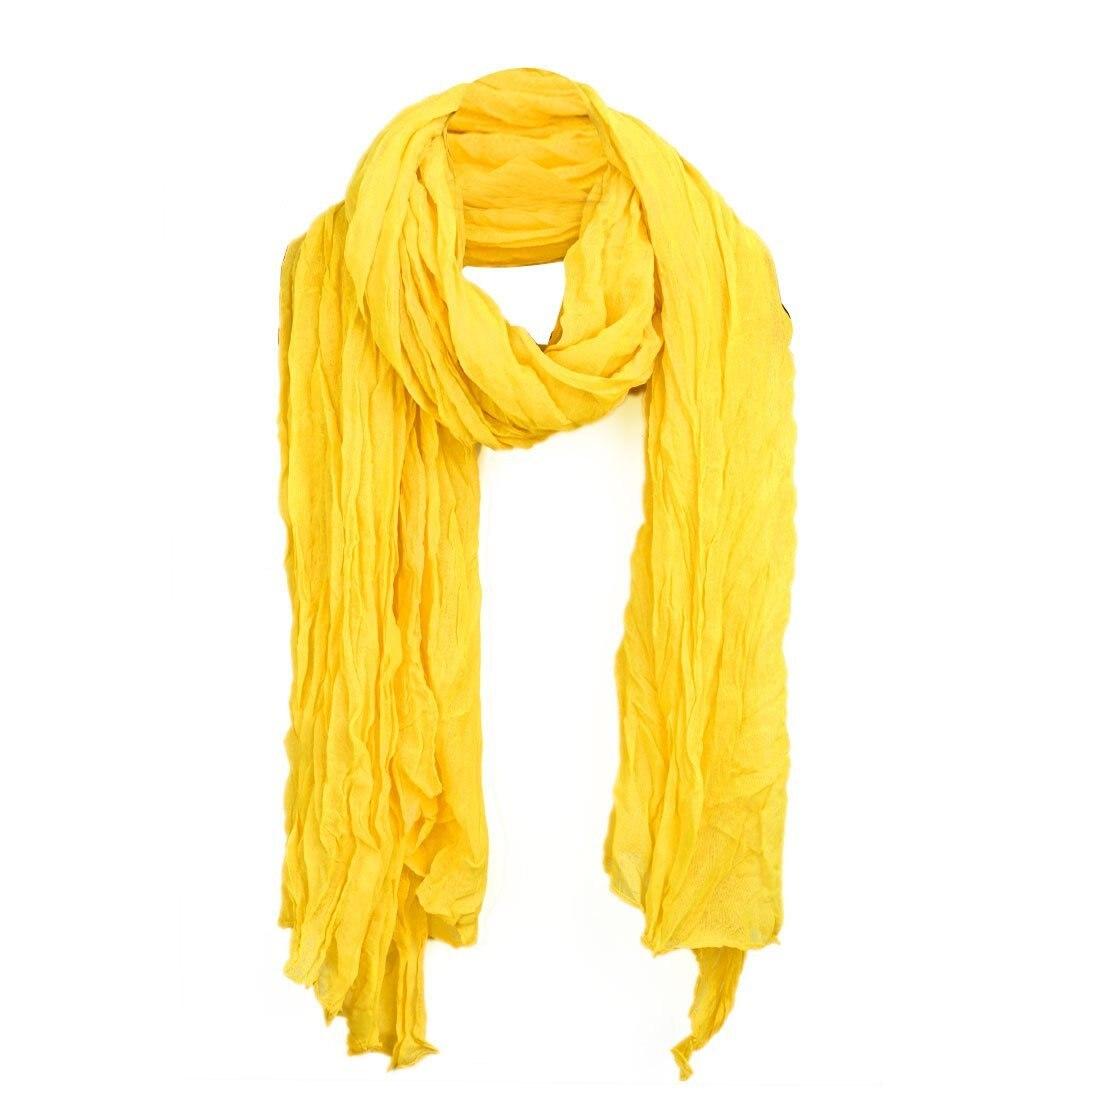 Bufanda amarilla, sencilla, suave, semitransparente, con detalle fruncido para mujer